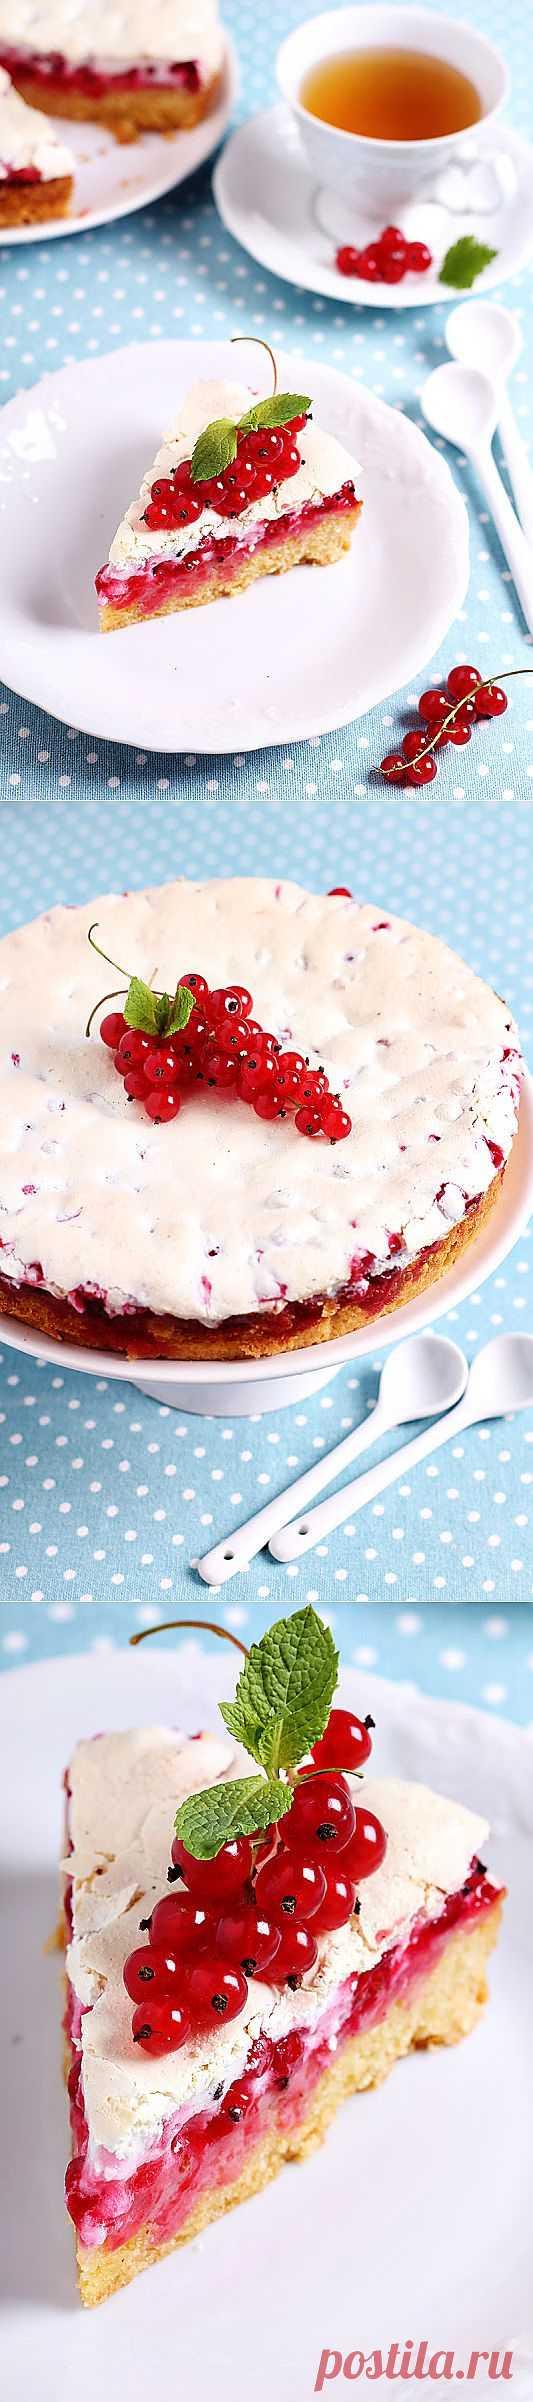 Пирог с красной смородиной!